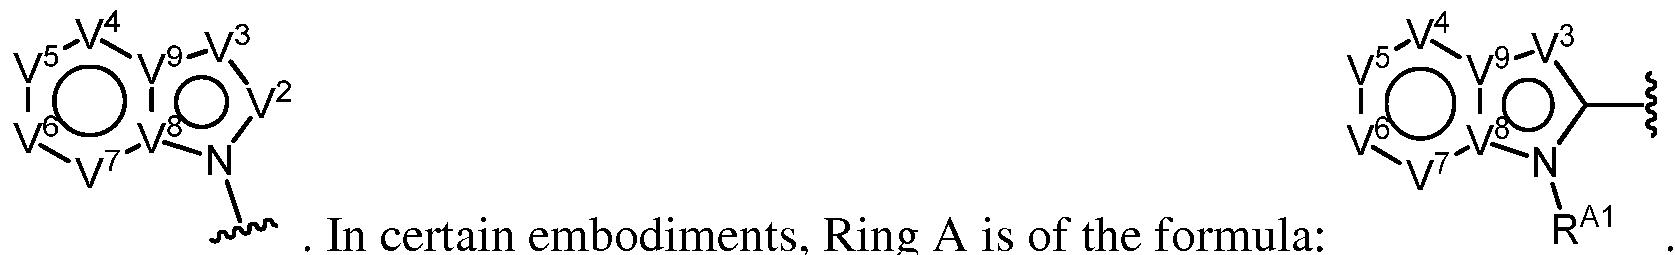 Figure imgf000047_0004